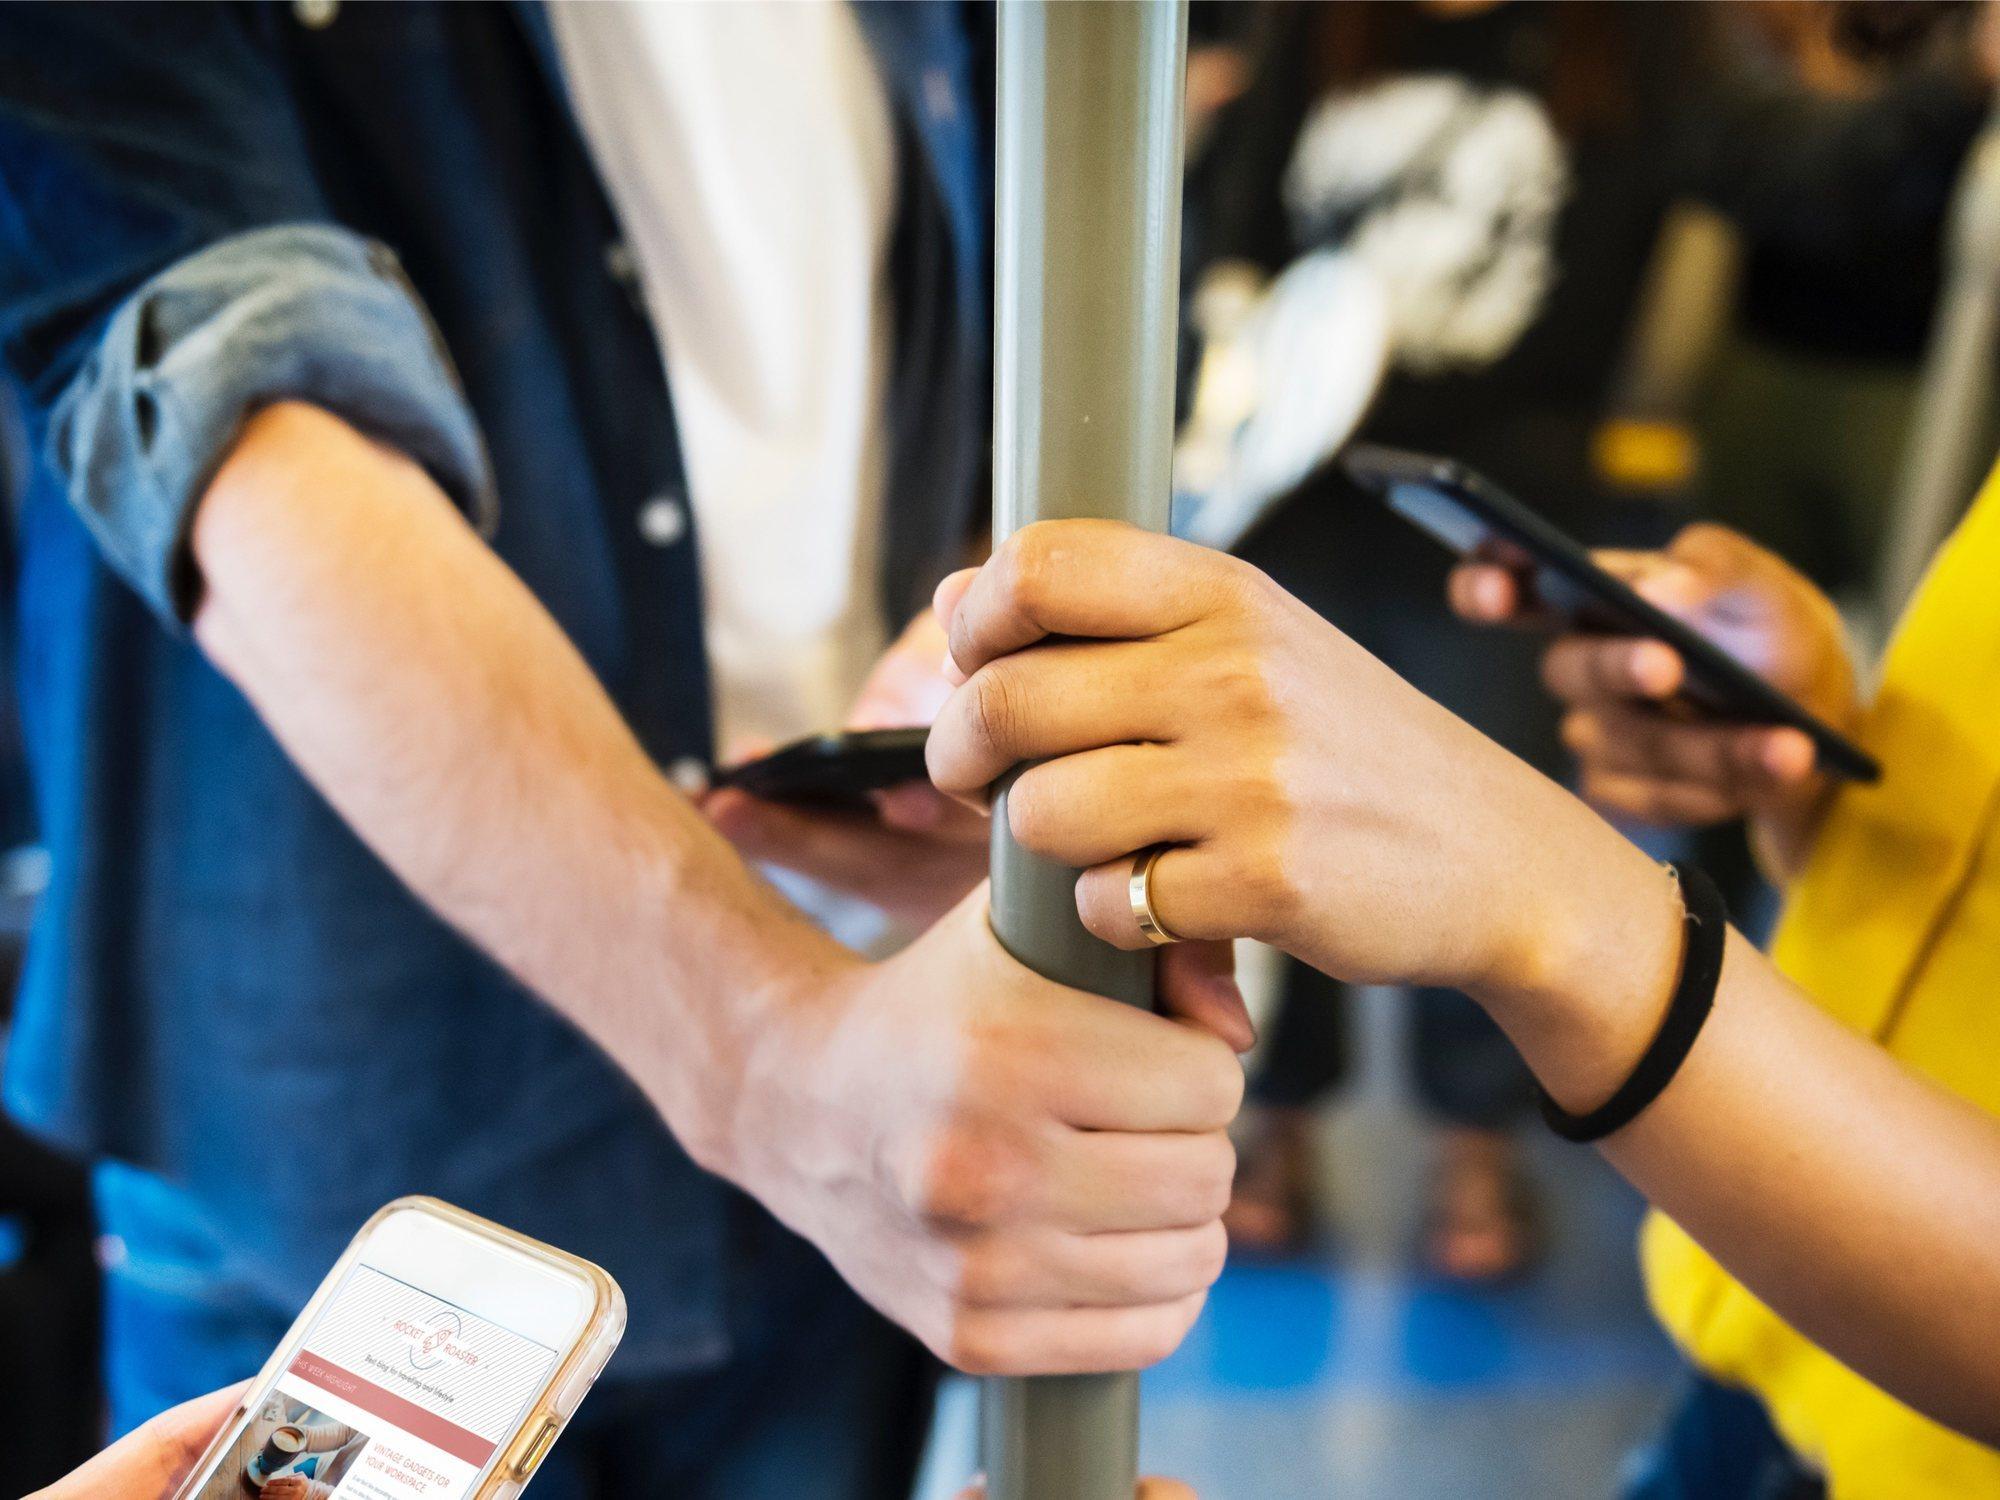 Detenido por masturbarse en el metro e intentar eyacular sobre el rostro de una pasajera